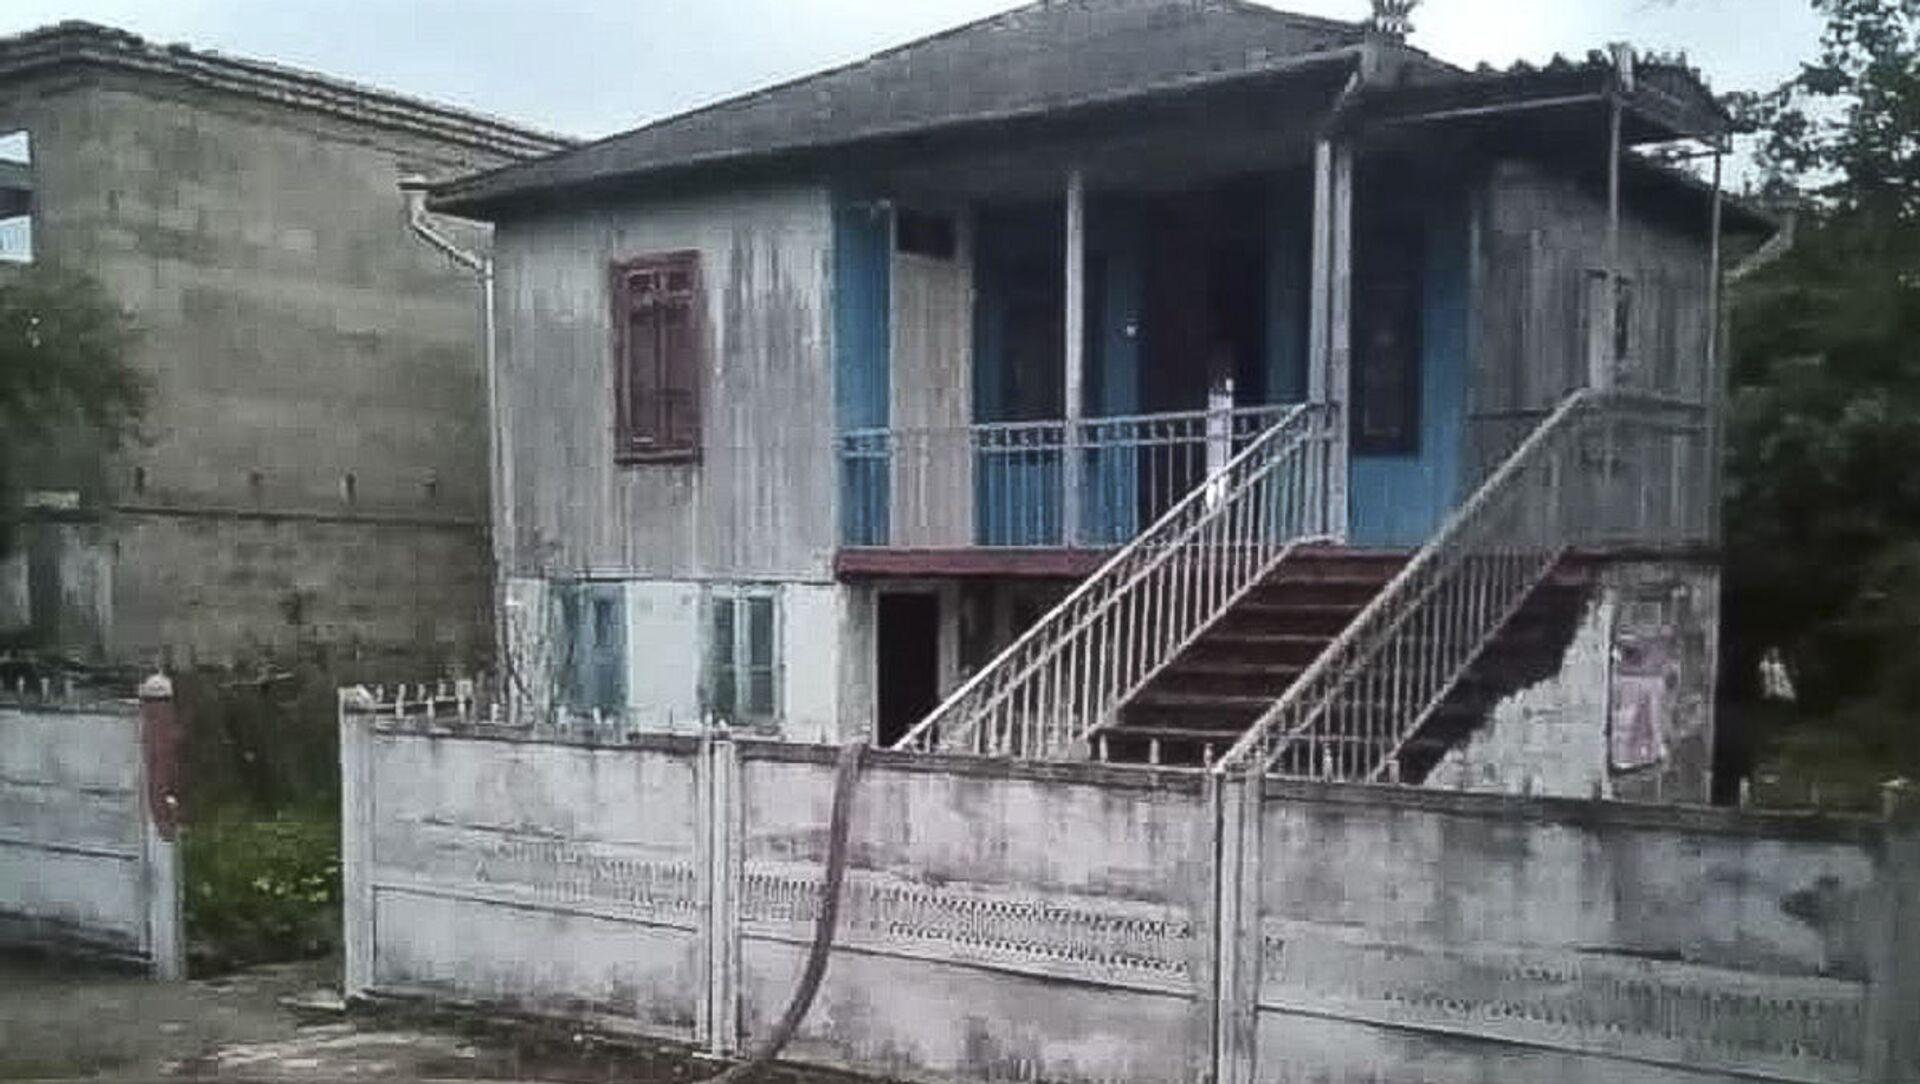 Женщина погибла в результате пожара в частном доме в Очамчыре - Sputnik Аҧсны, 1920, 12.09.2021